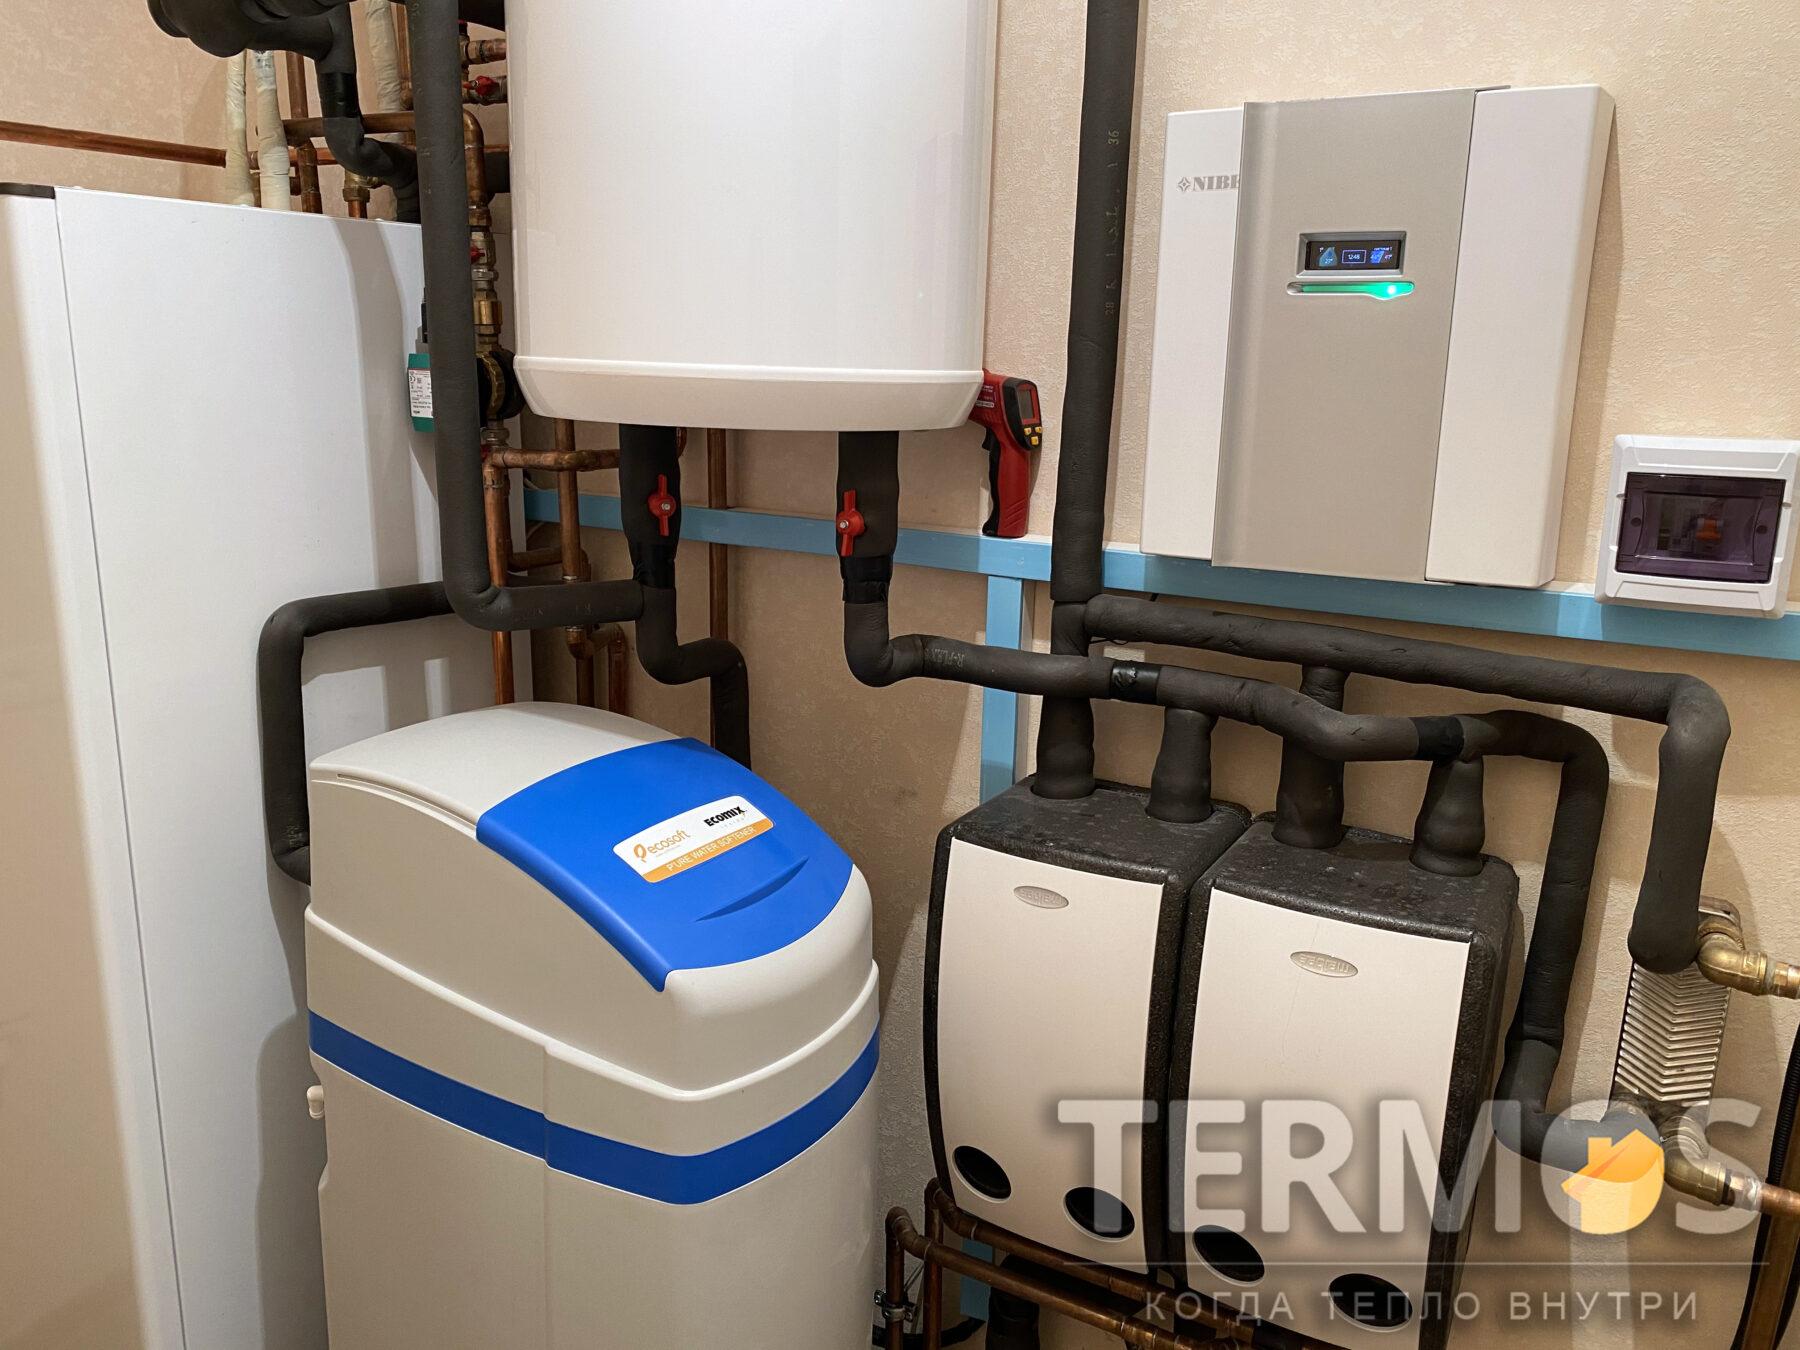 Функції: опалення квартири радіаторами, теплою підлогою, охолодження влітку фанкойлами, приготування гарячої води, управління системою через інтернет